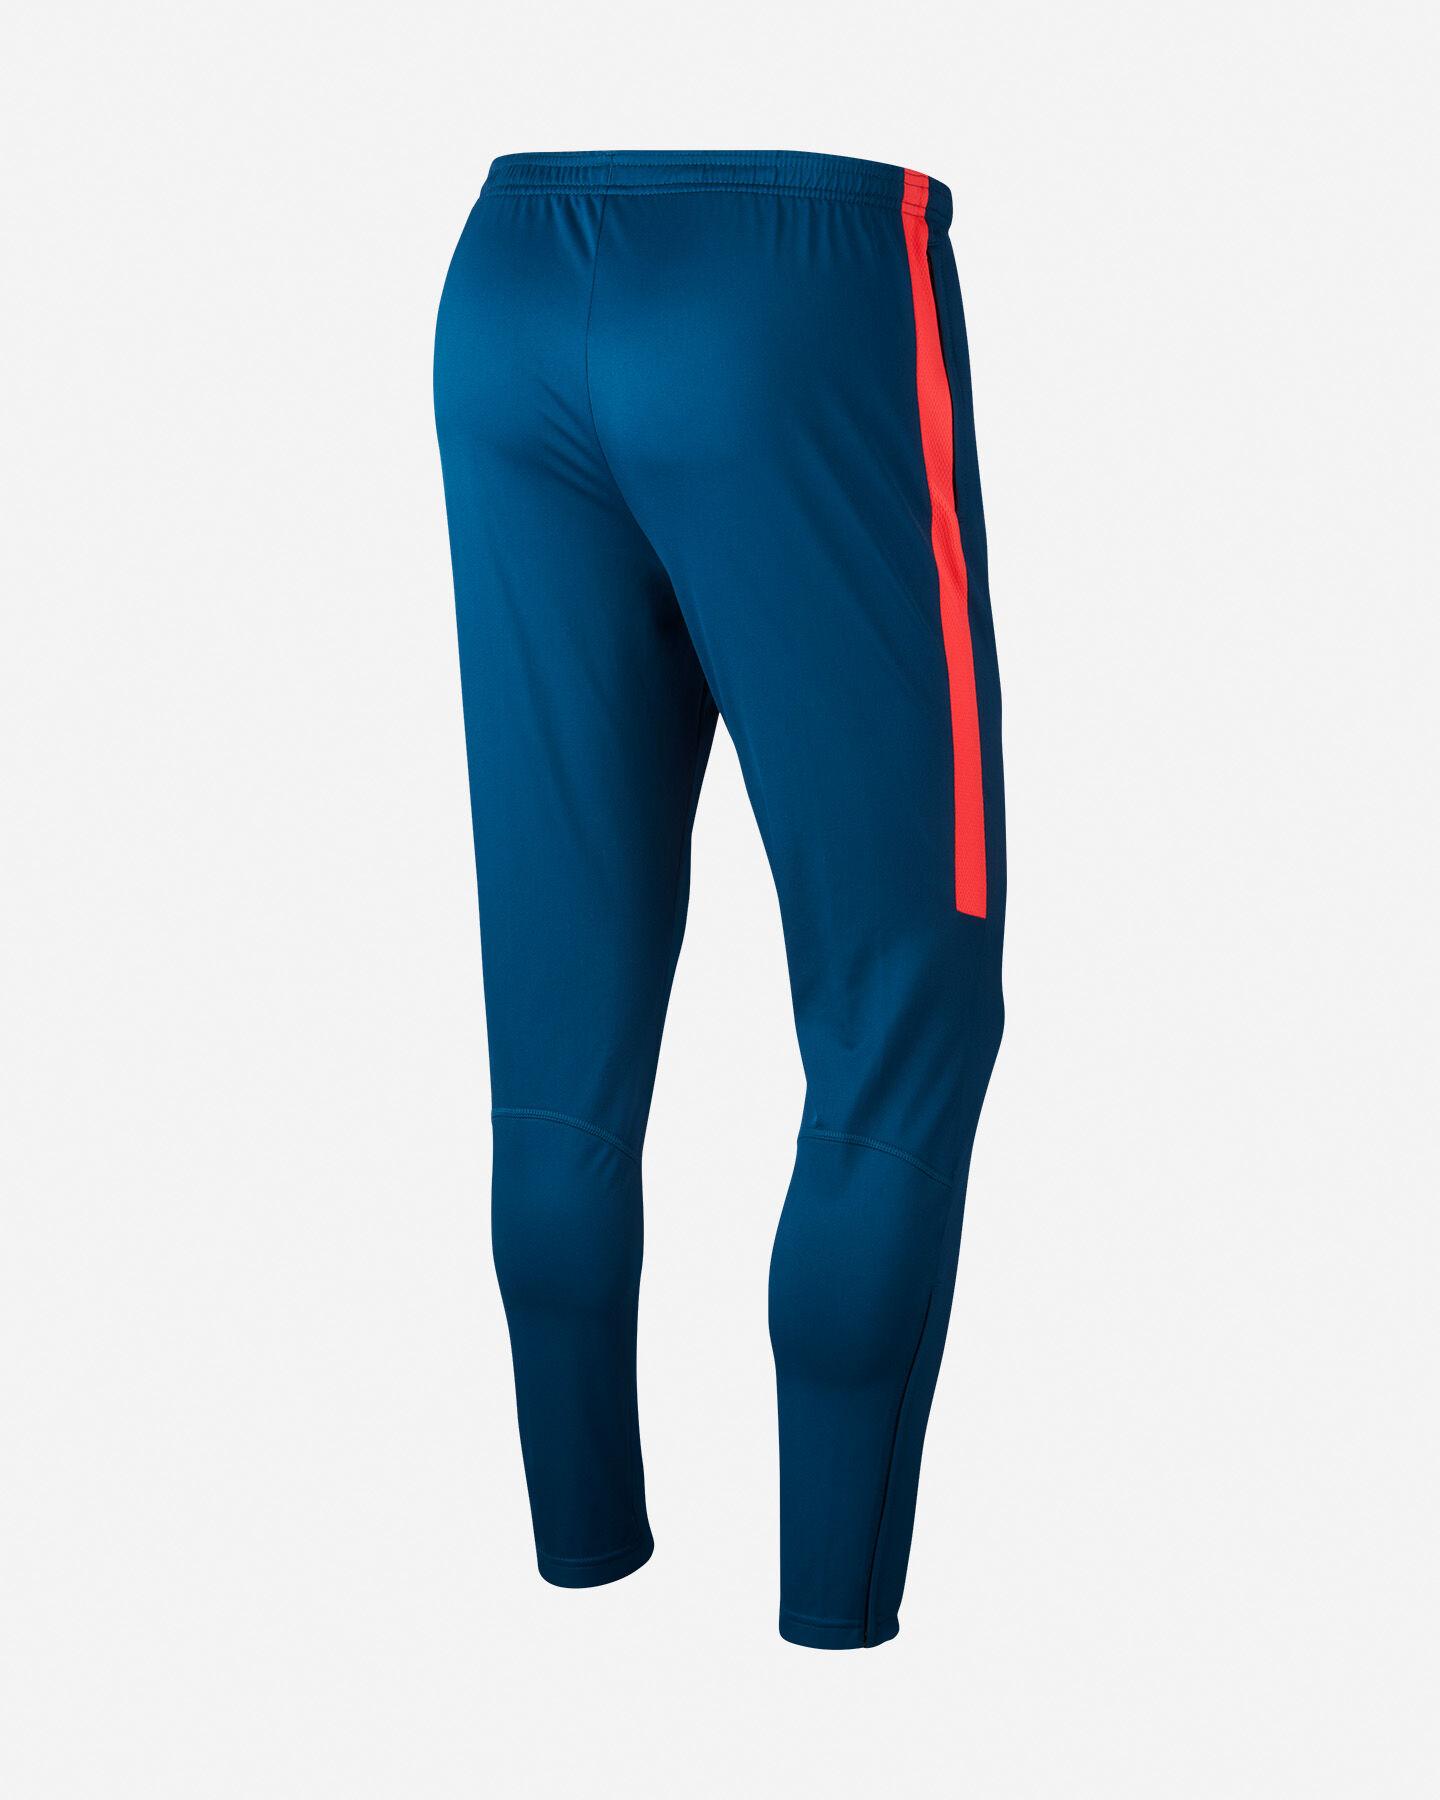 Pantaloncini calcio NIKE DRI-FIT ACADEMY M S5162557 scatto 1